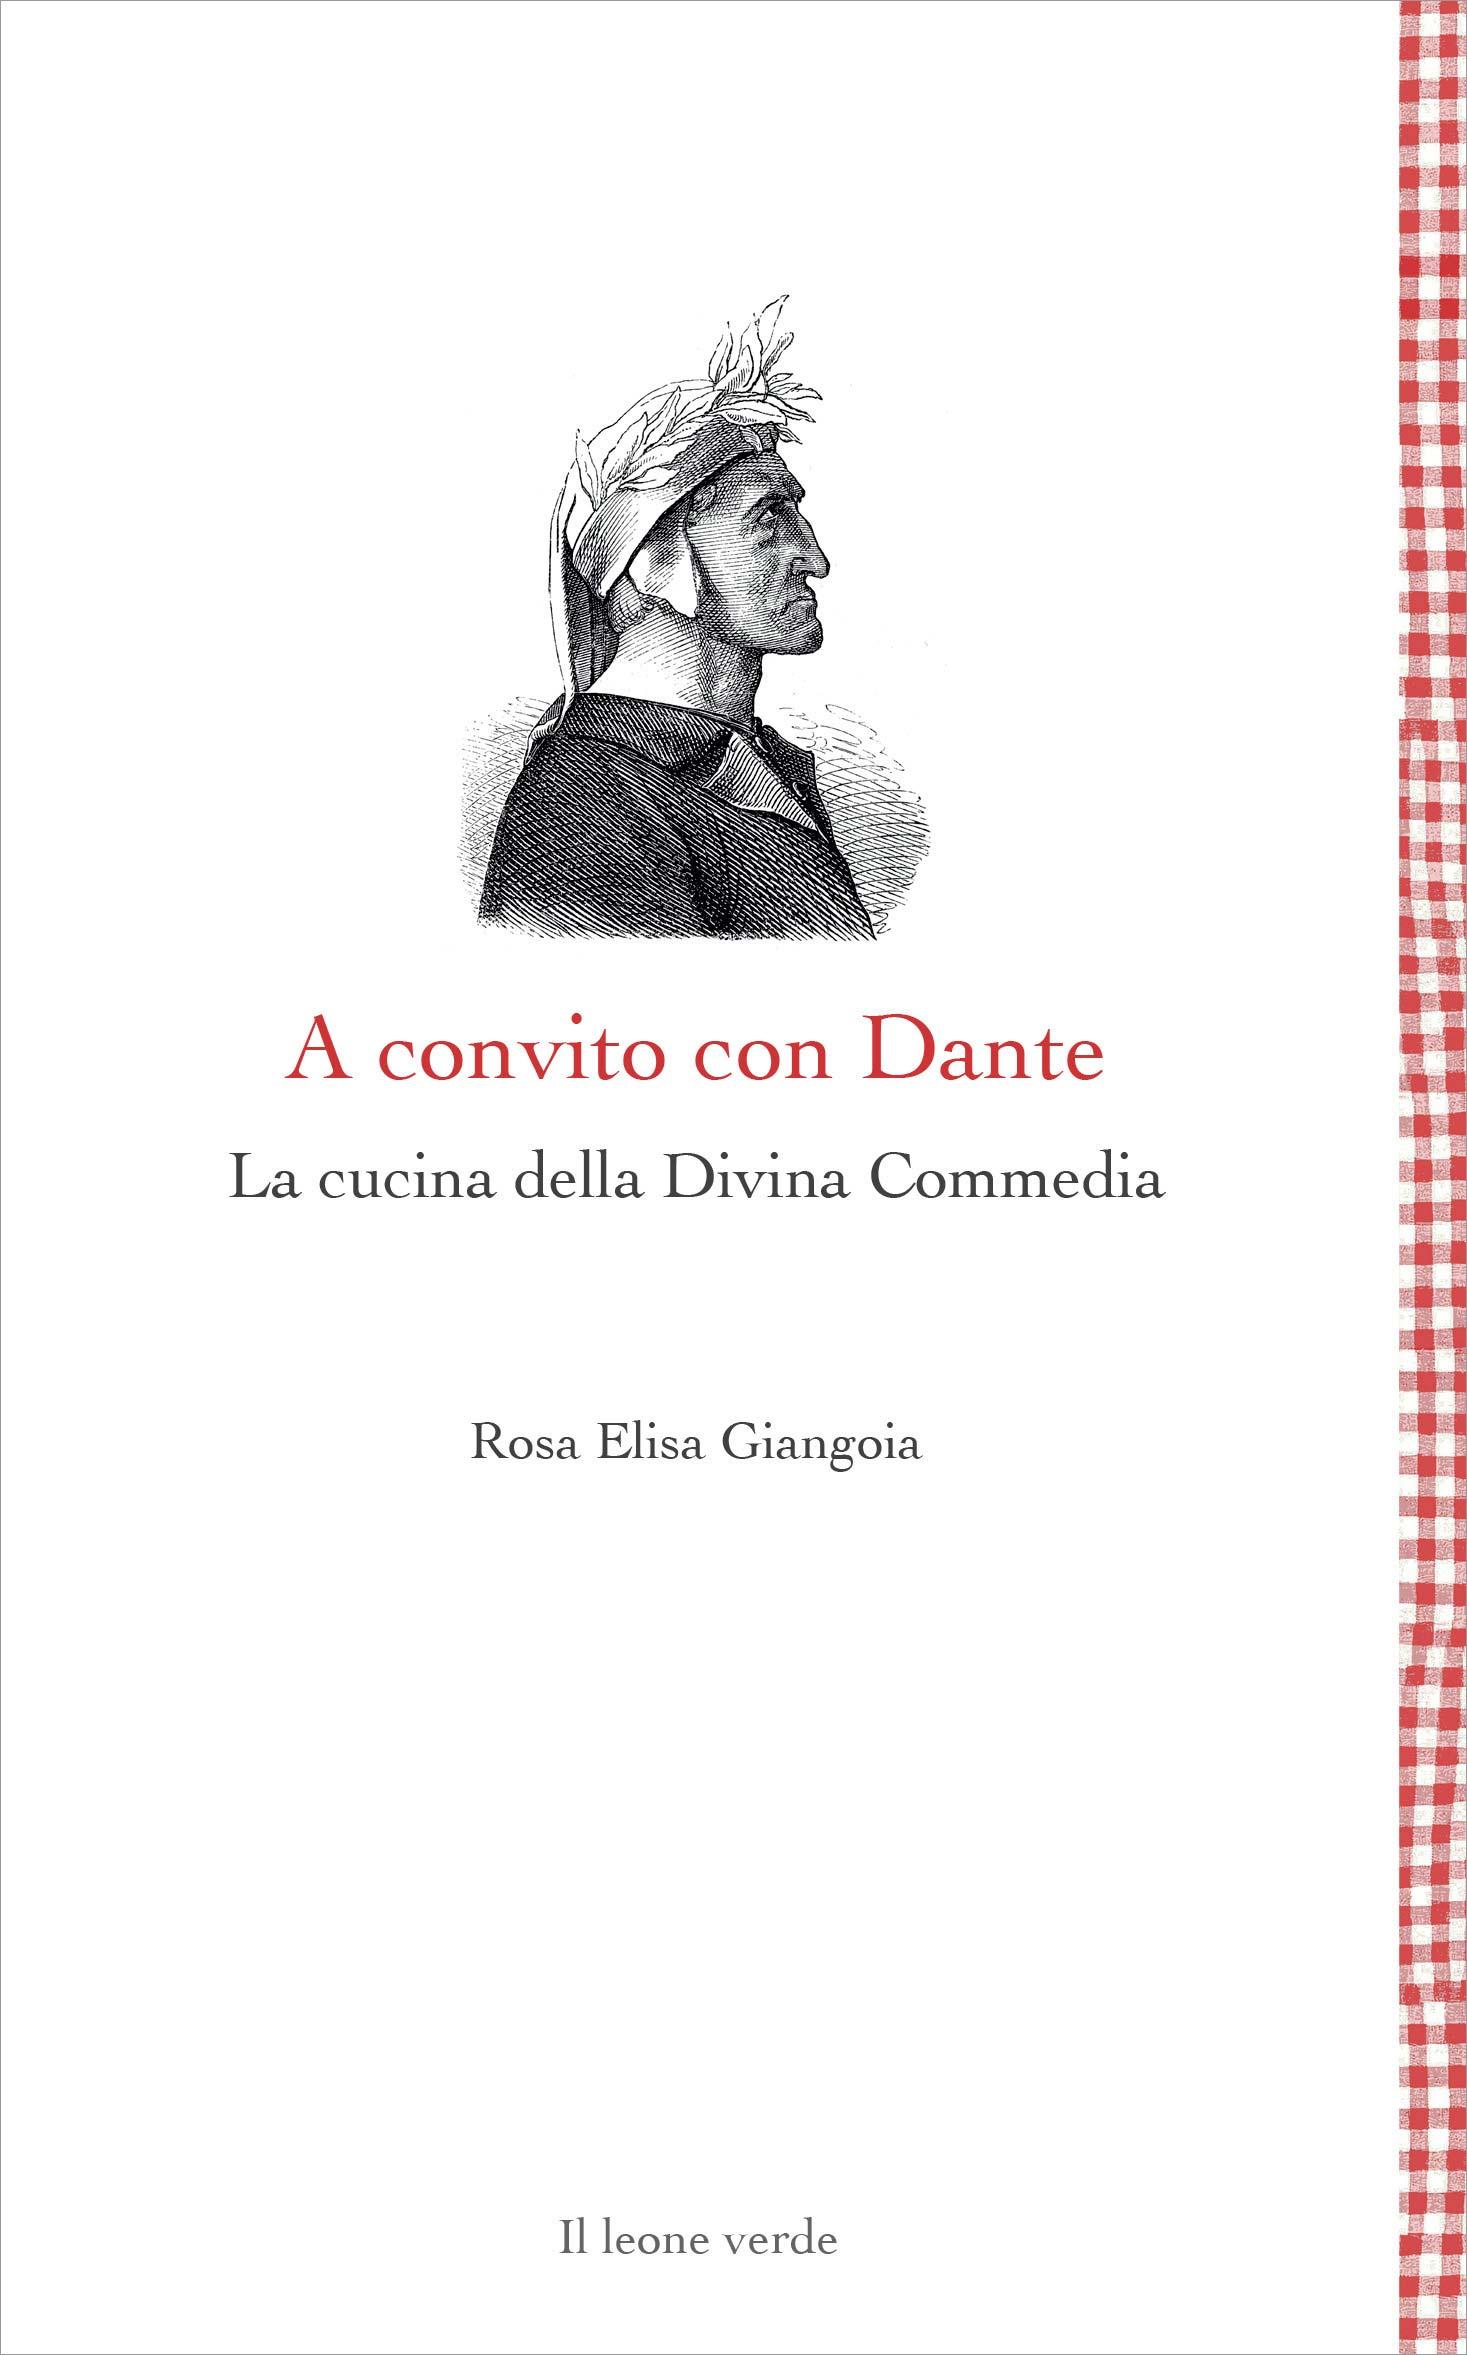 A convito con Dante